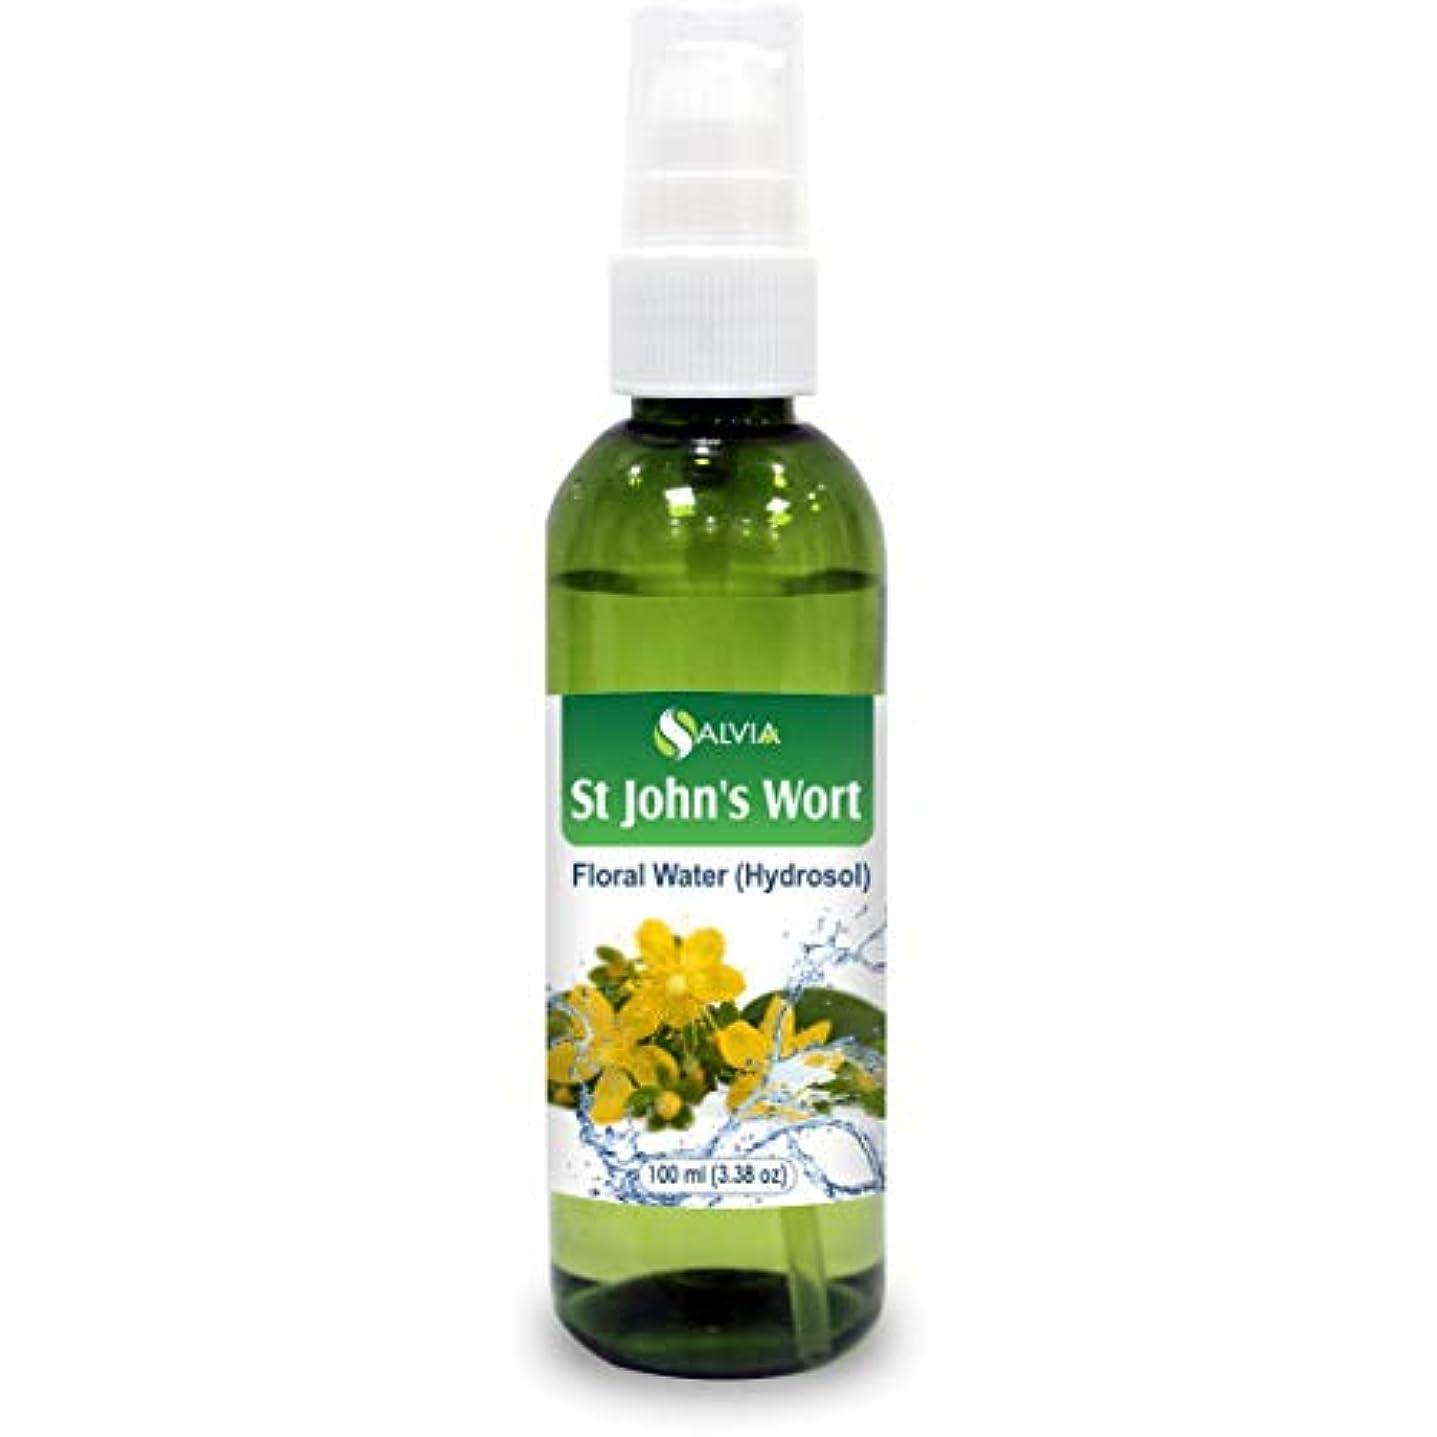 インターネット鈍い仲介者St John's Wort Floral Water 100ml (Hydrosol) 100% Pure And Natural